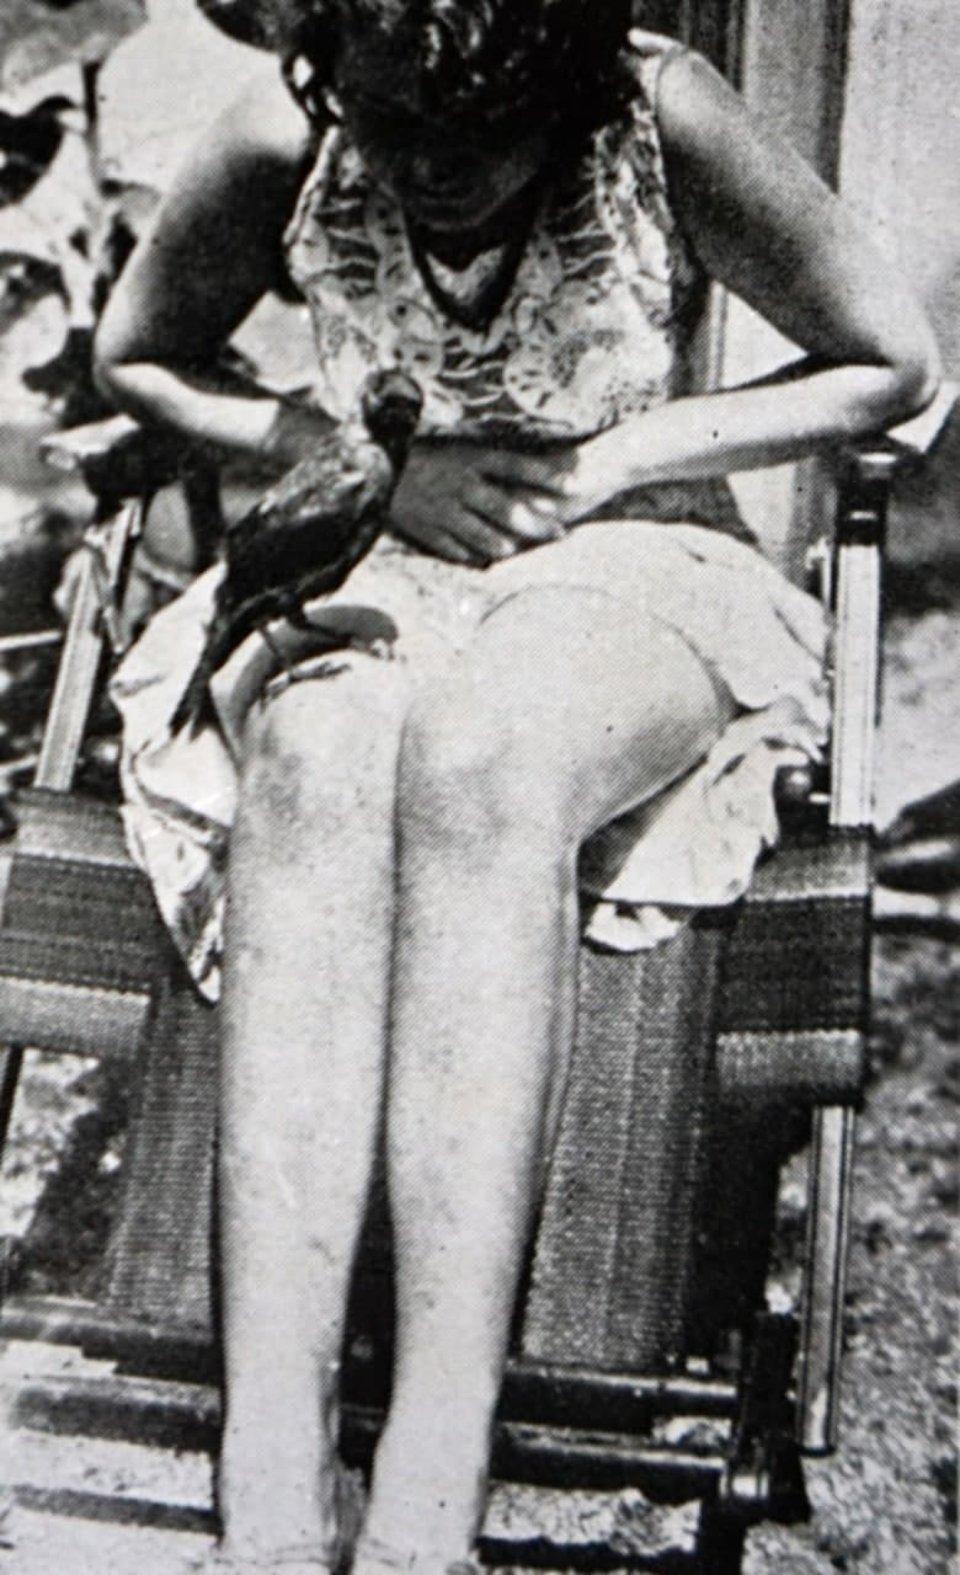 Гелі Руабаль, племінниця Гітлера, наклала на себе руки через збочення, до яких її примушував диктатор / Getty Images